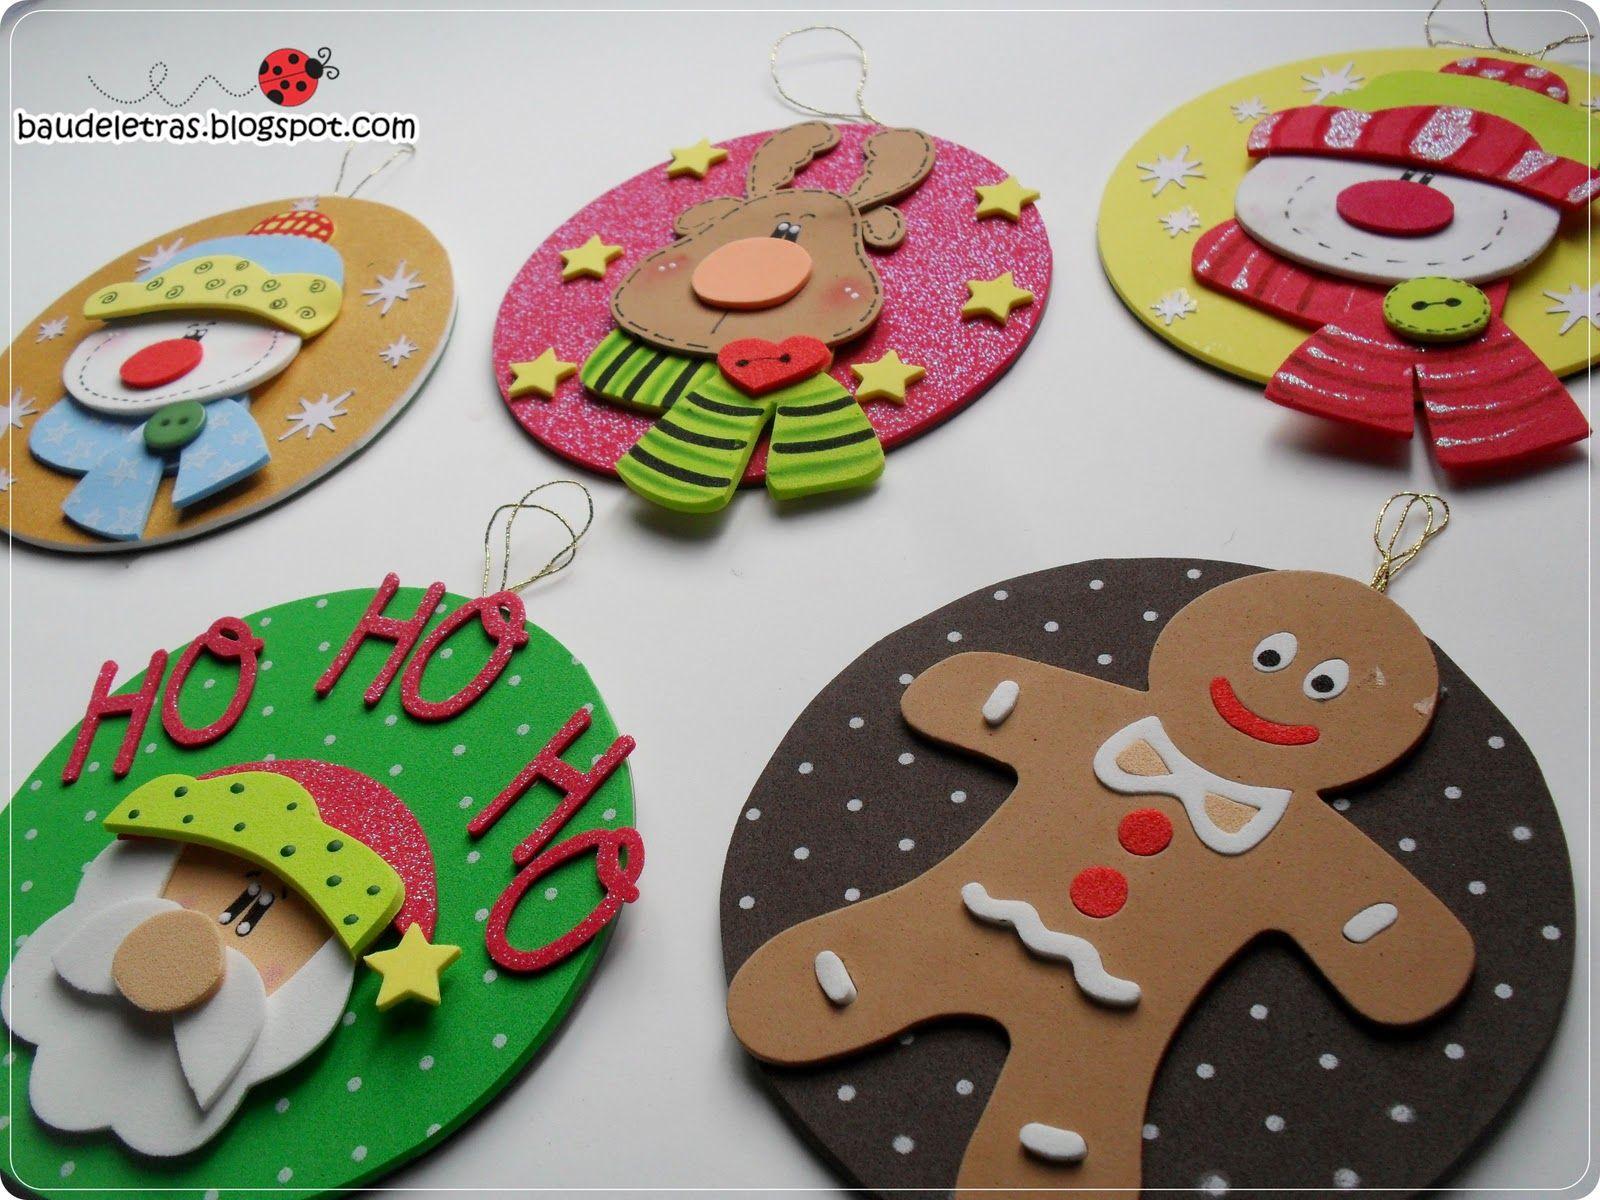 Aqui tienes m s adornos navide os en gomae eva foamy para - Manualidades para decorar el arbol de navidad ...